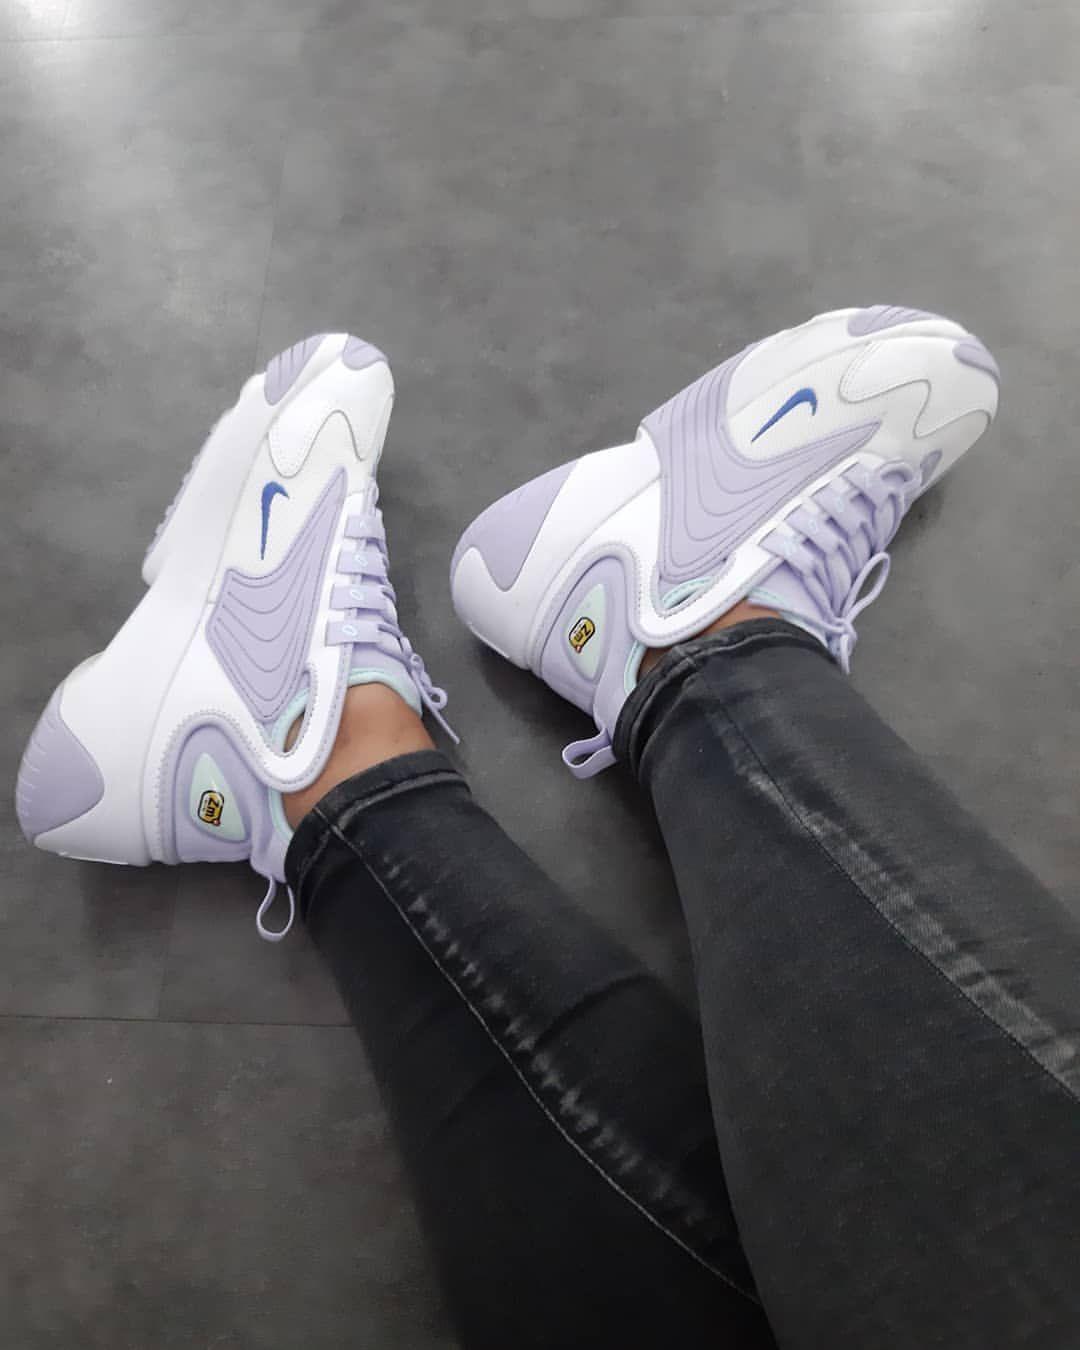 Nike Zoom 2k Goodmorning Newpost Parisienne